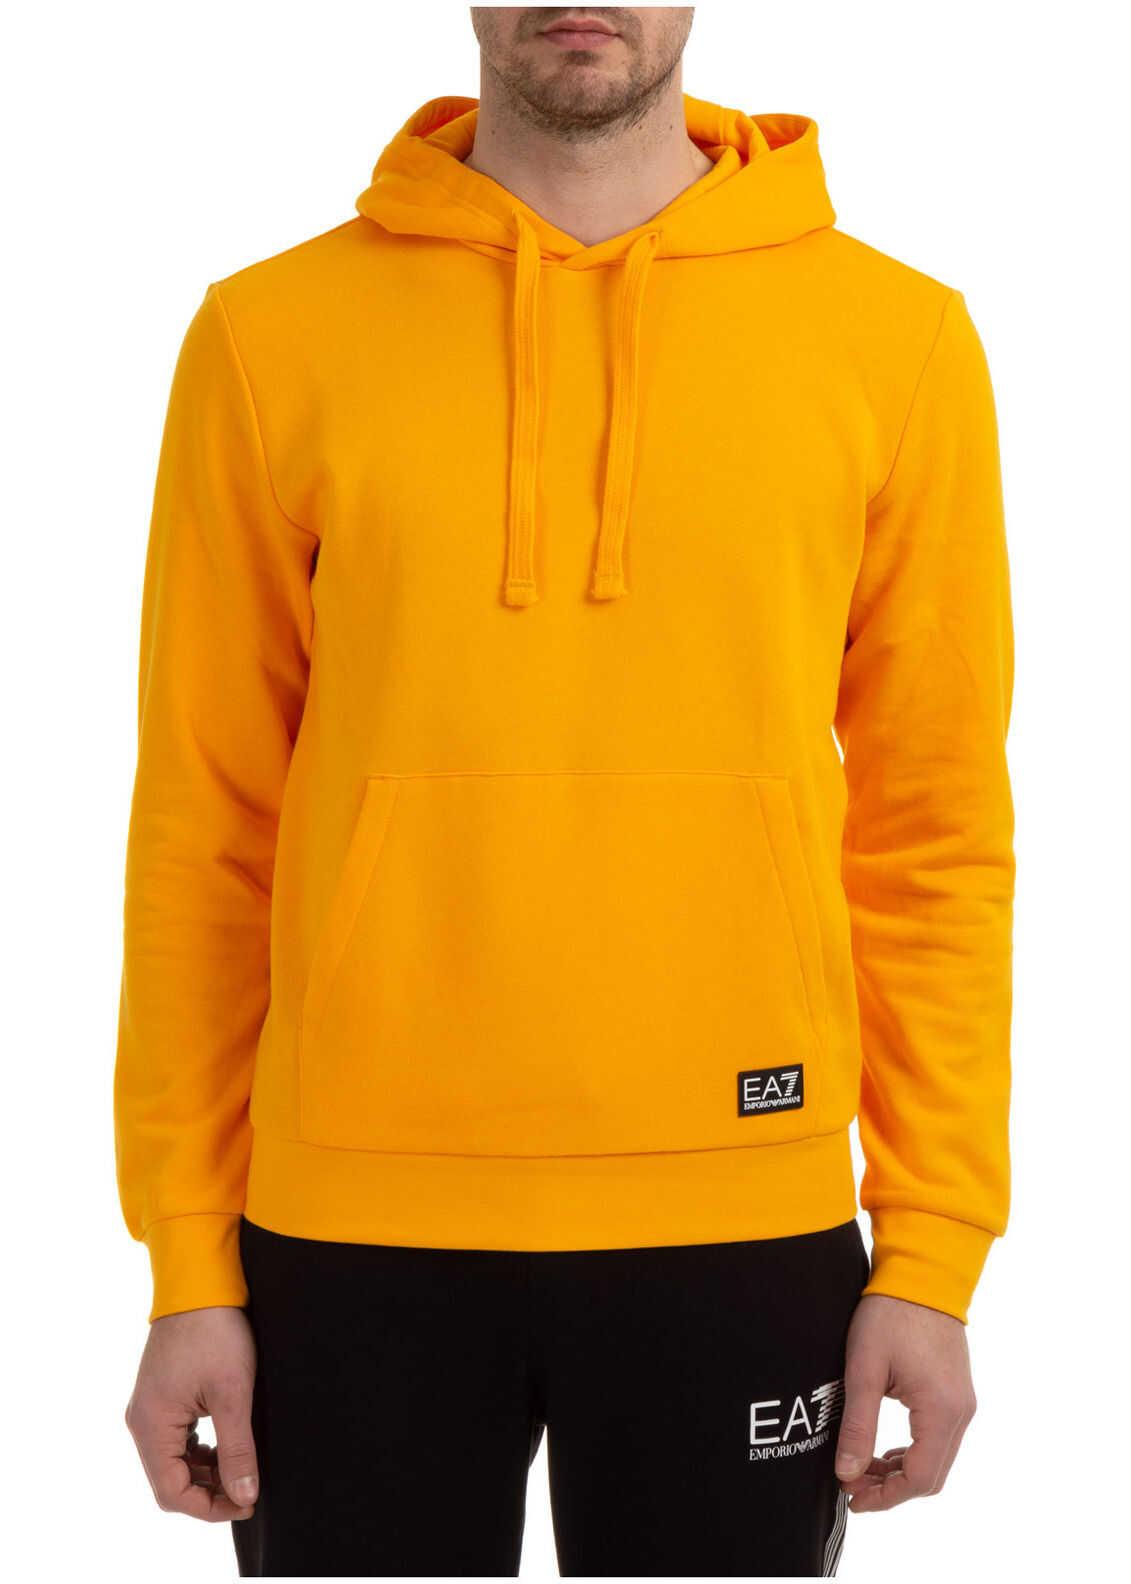 EA7 Sweatshirt Sweat Yellow imagine